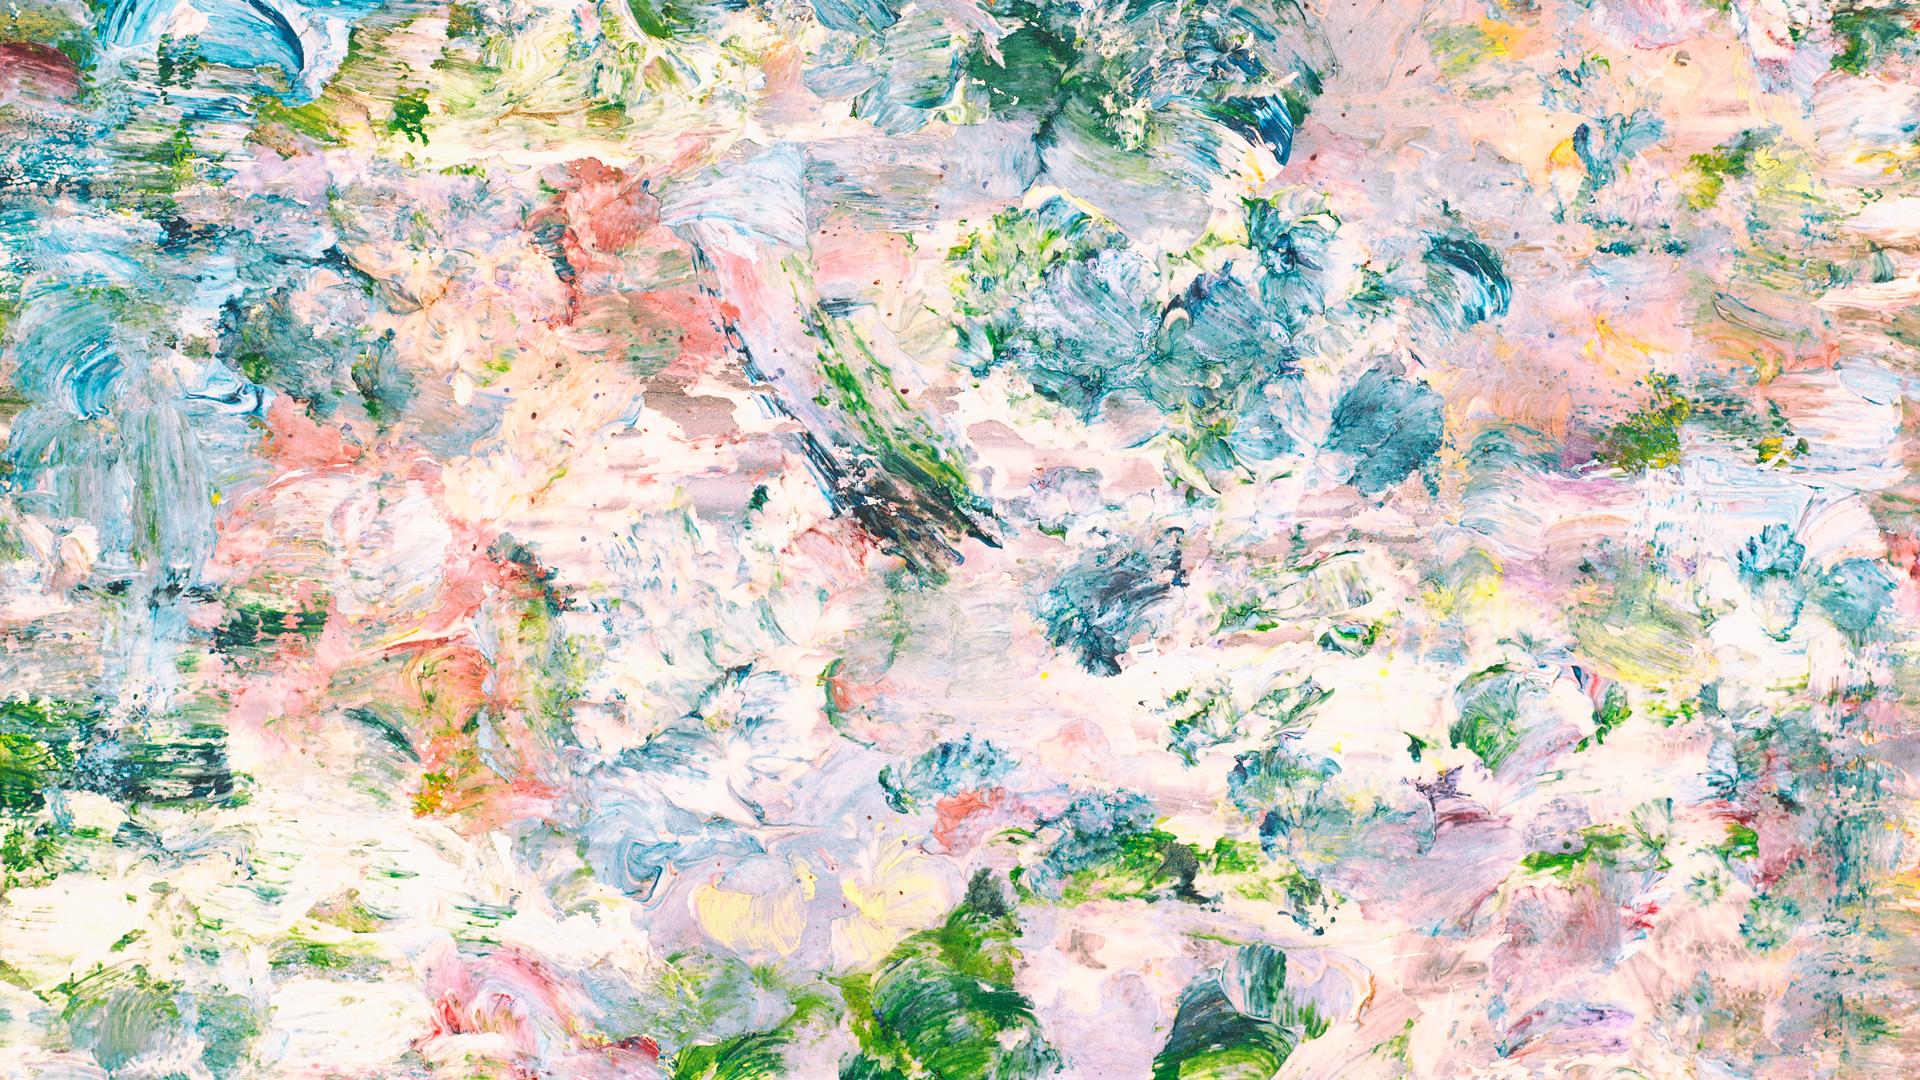 春の絵<br>Paniyolo